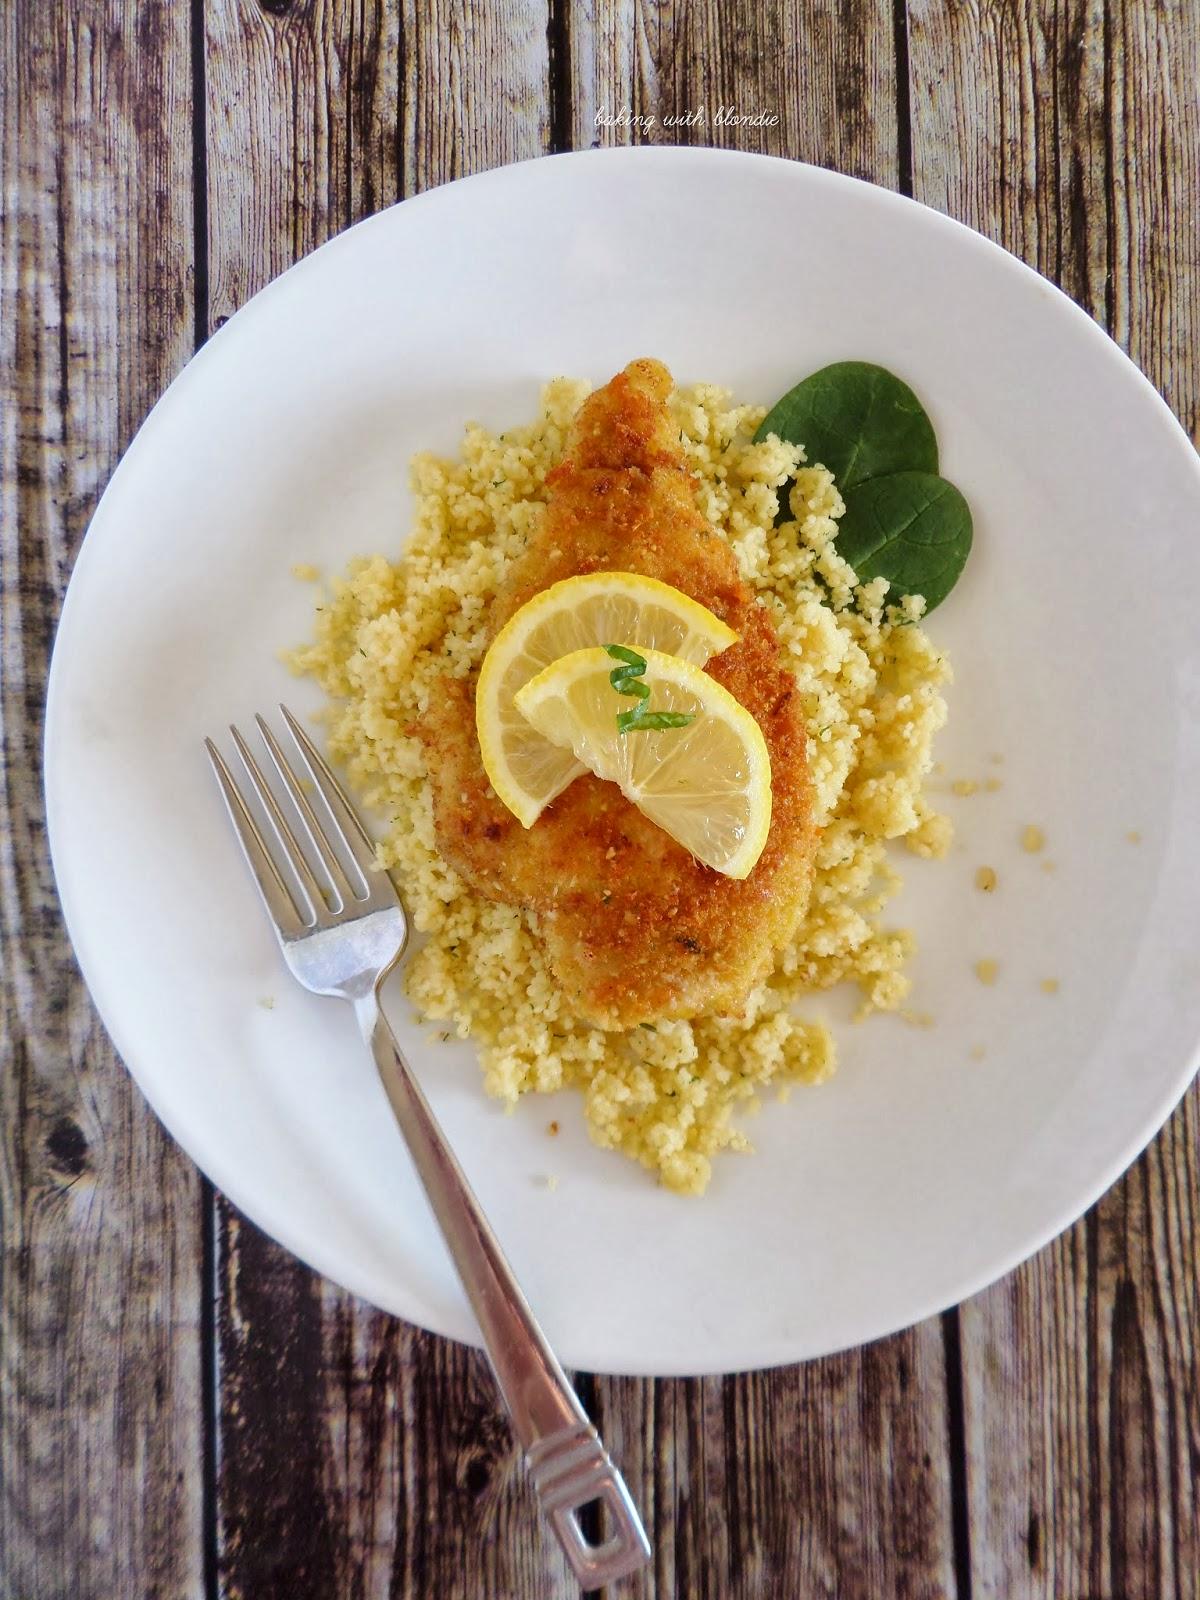 Lemon Chicken Scaloppine In Pine Nut Parmesan Crust